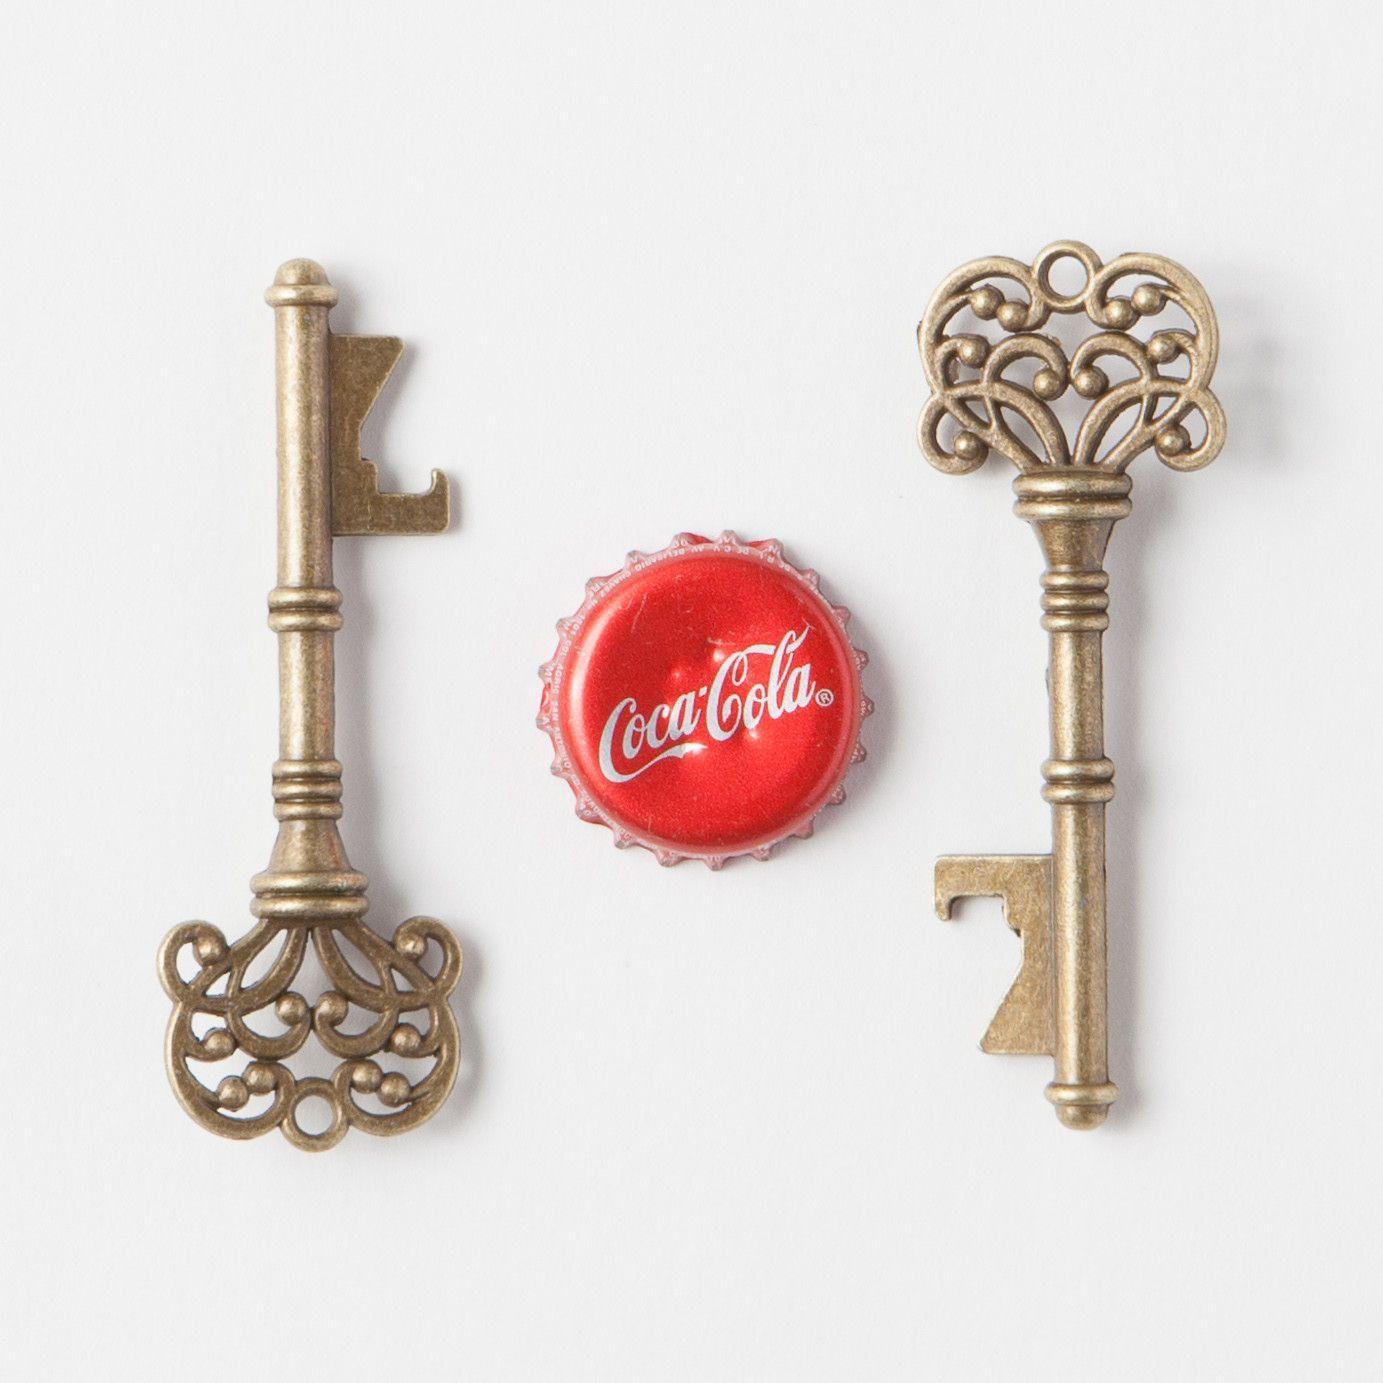 50 Key Bottle Openers - Antique Gold Vintage Skeleton Keys - Classic ...